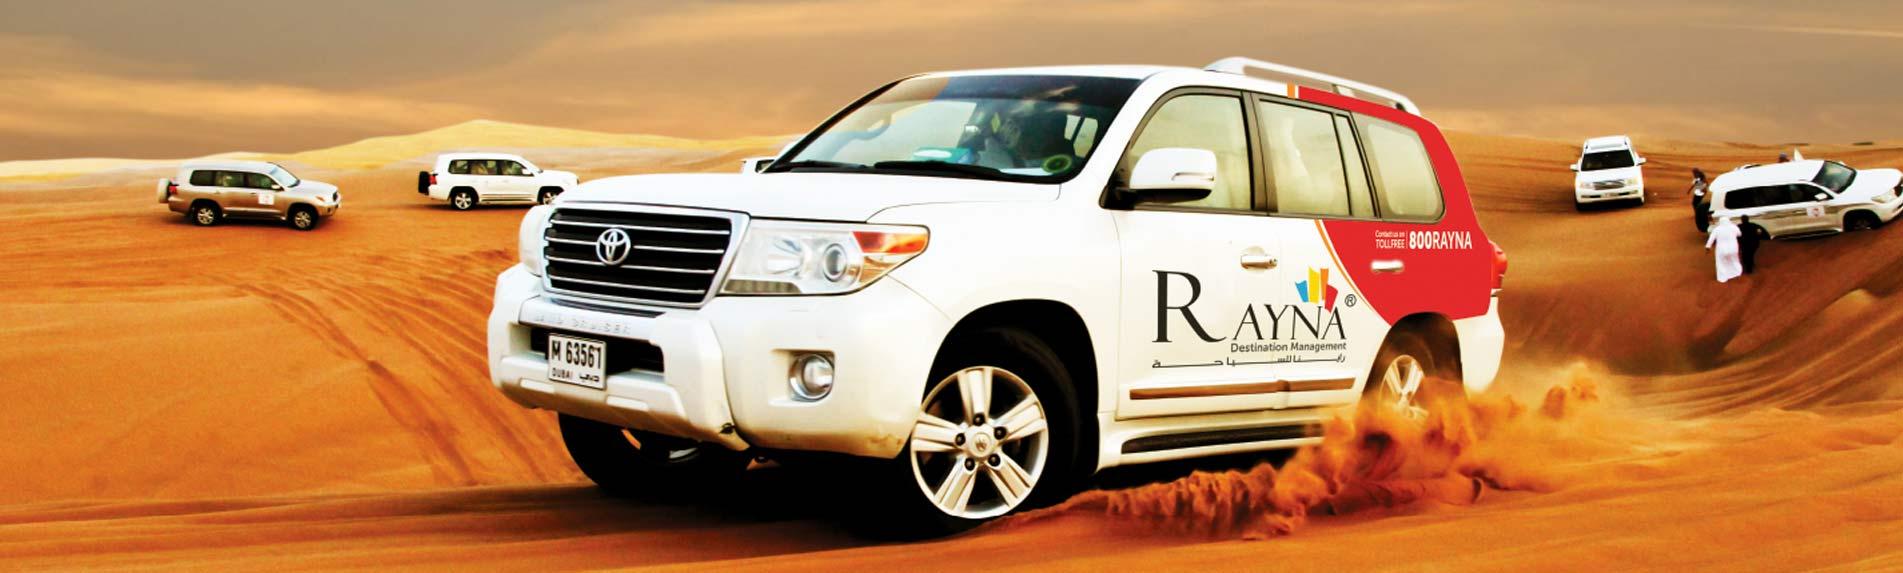 desert safari ras al khaimah